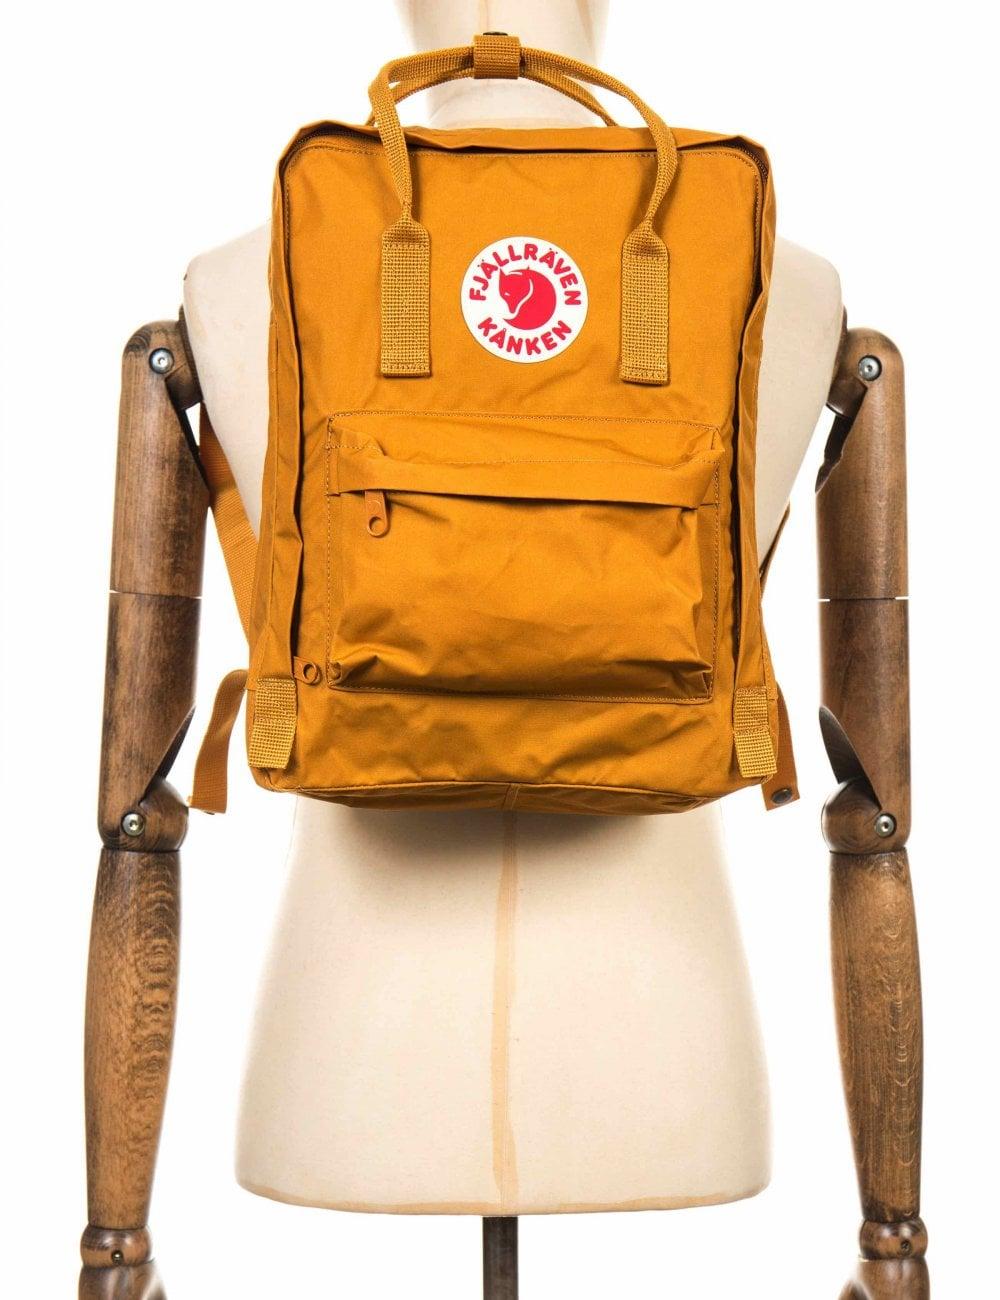 37ef46ee9c5 Fjallraven Kanken Classic Backpack - Acorn - Accessories from Fat ...